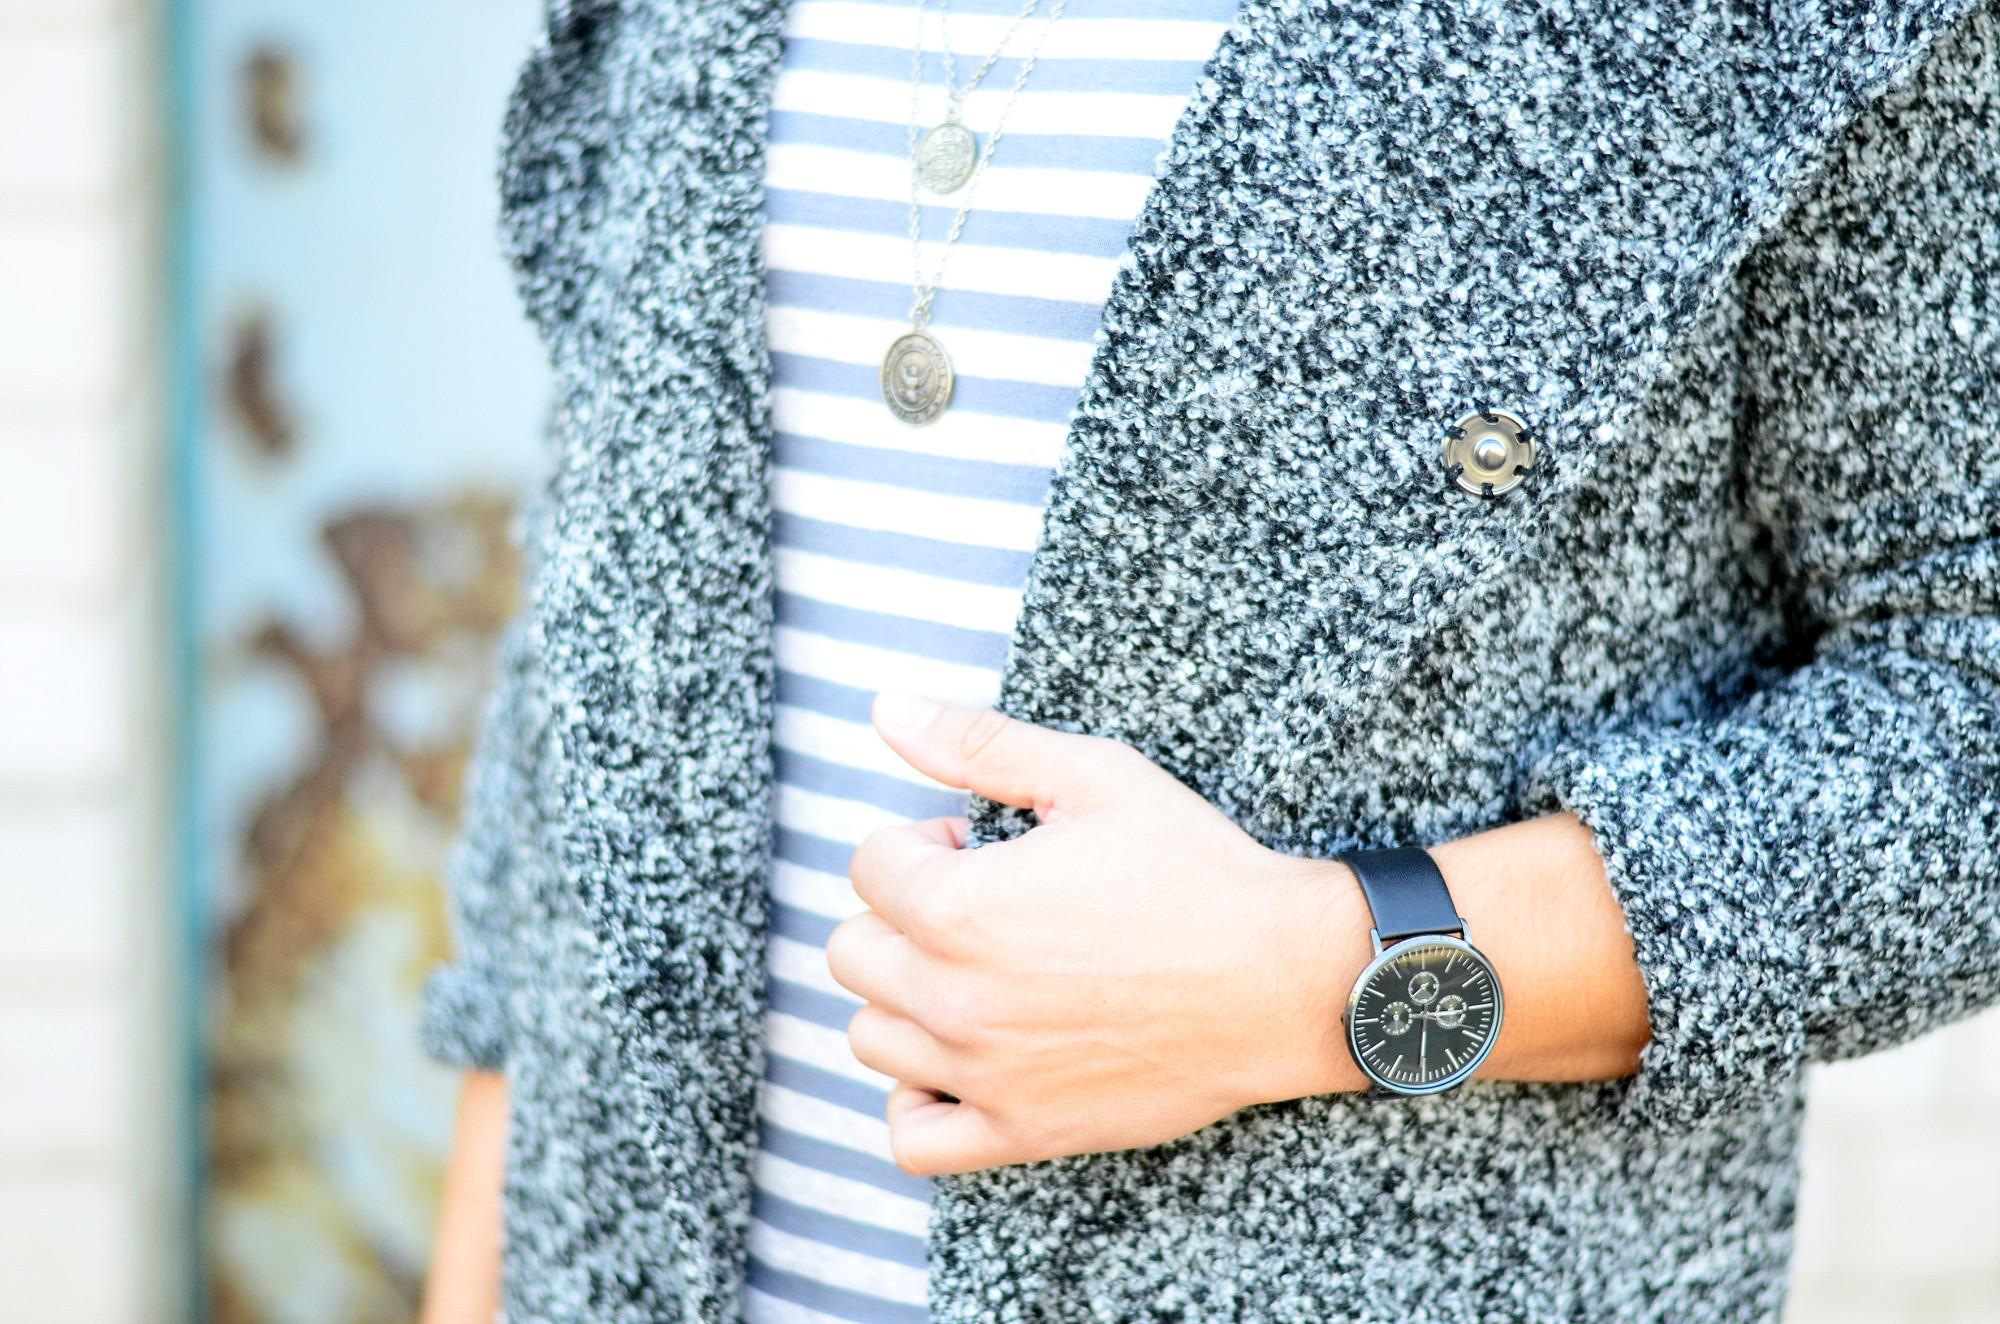 TommeezJerry-Uhr-schwarz-Asos-Cardigan-Streifenshirt-Kette